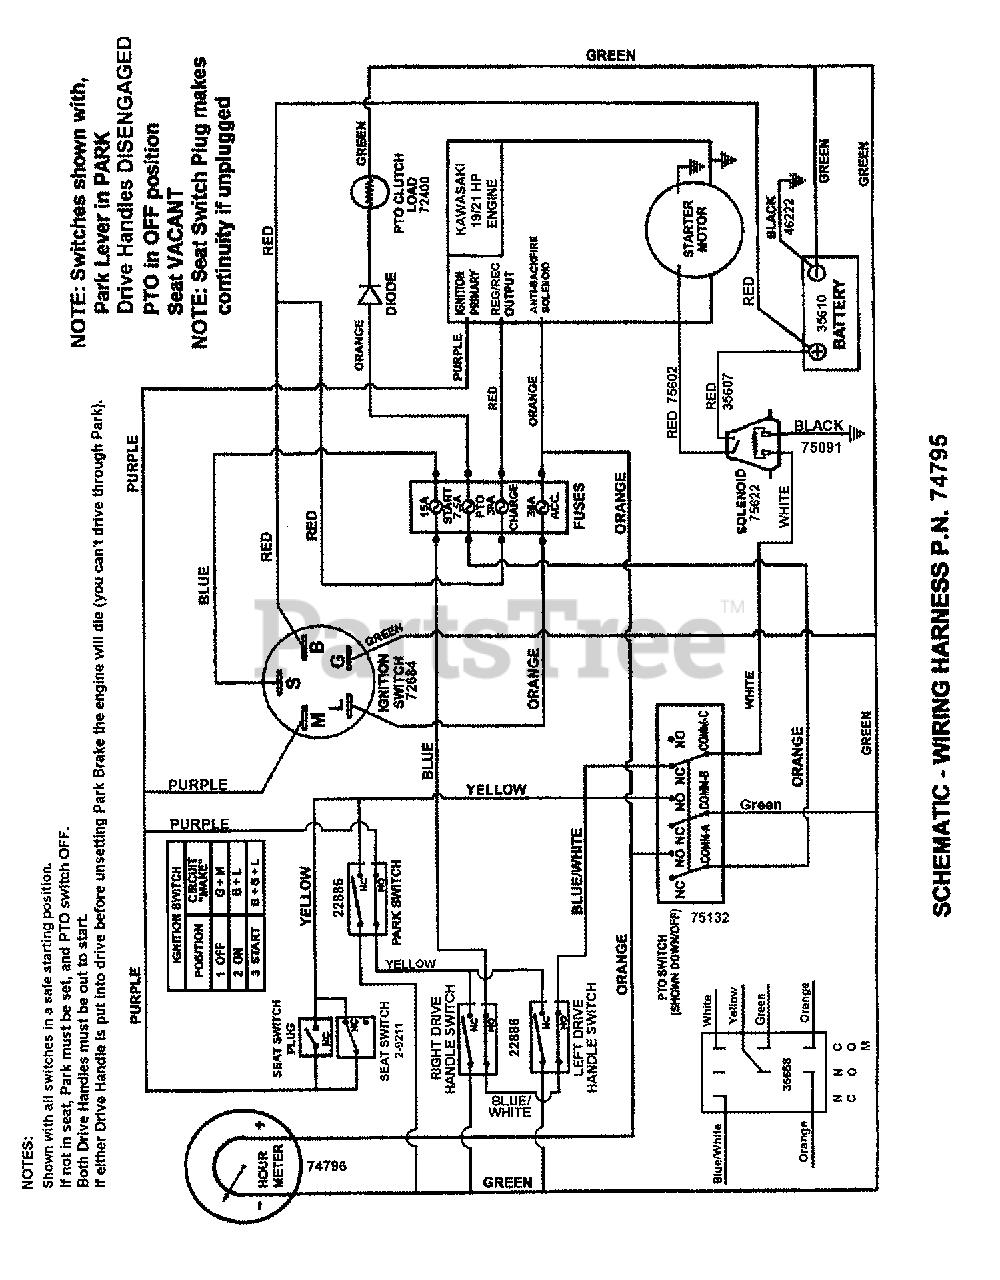 Snapper NZM 19481KWV (84948) - Snapper 48